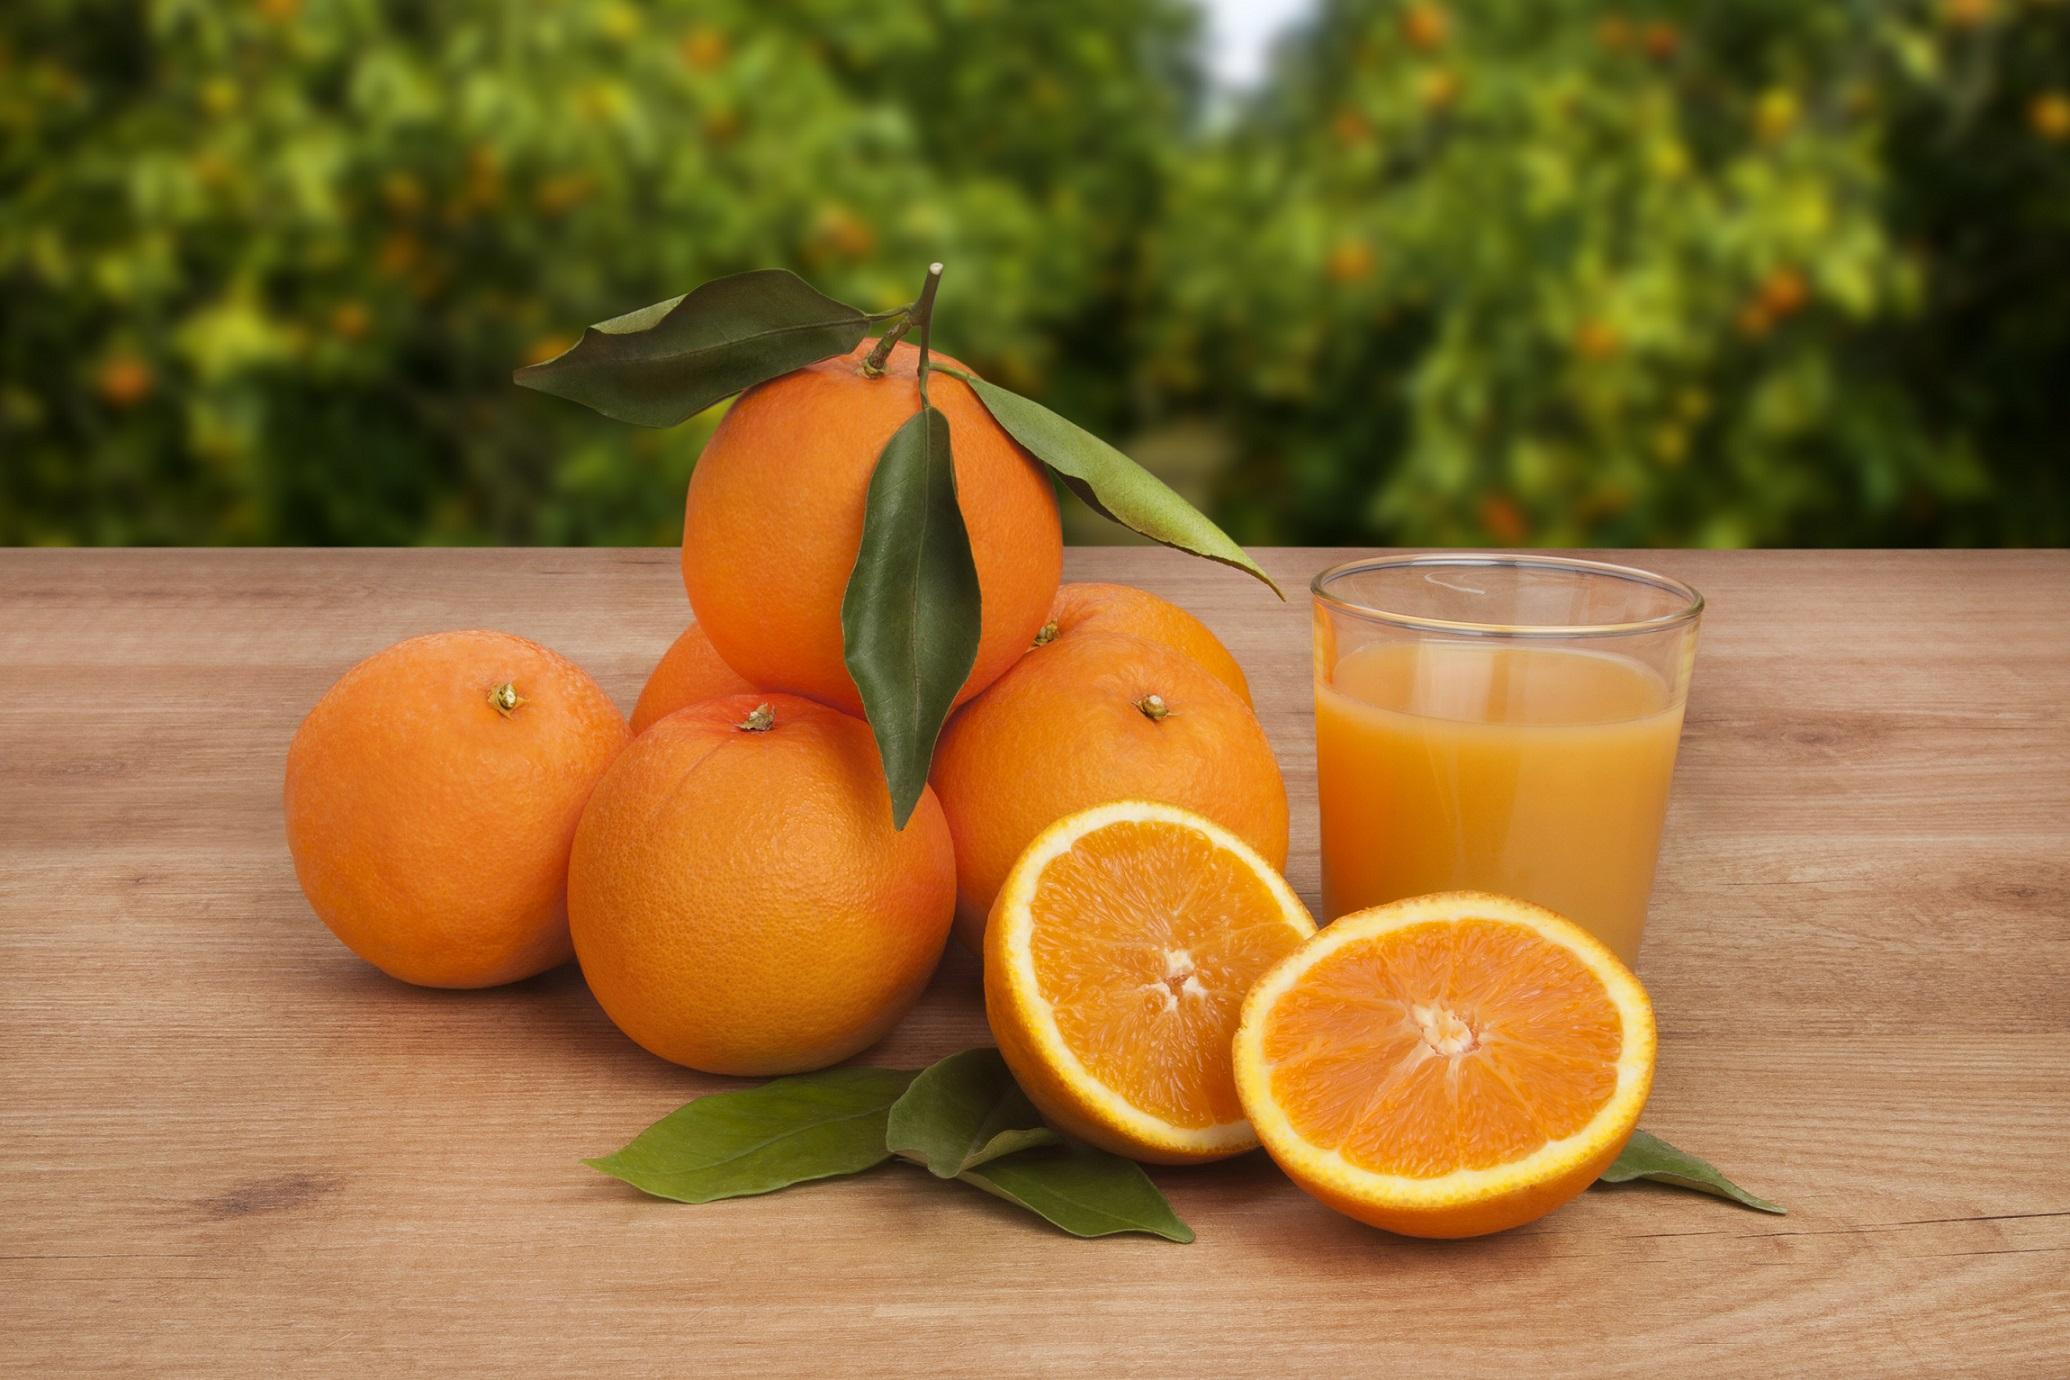 Orange: The Golden Fruit for Good Health